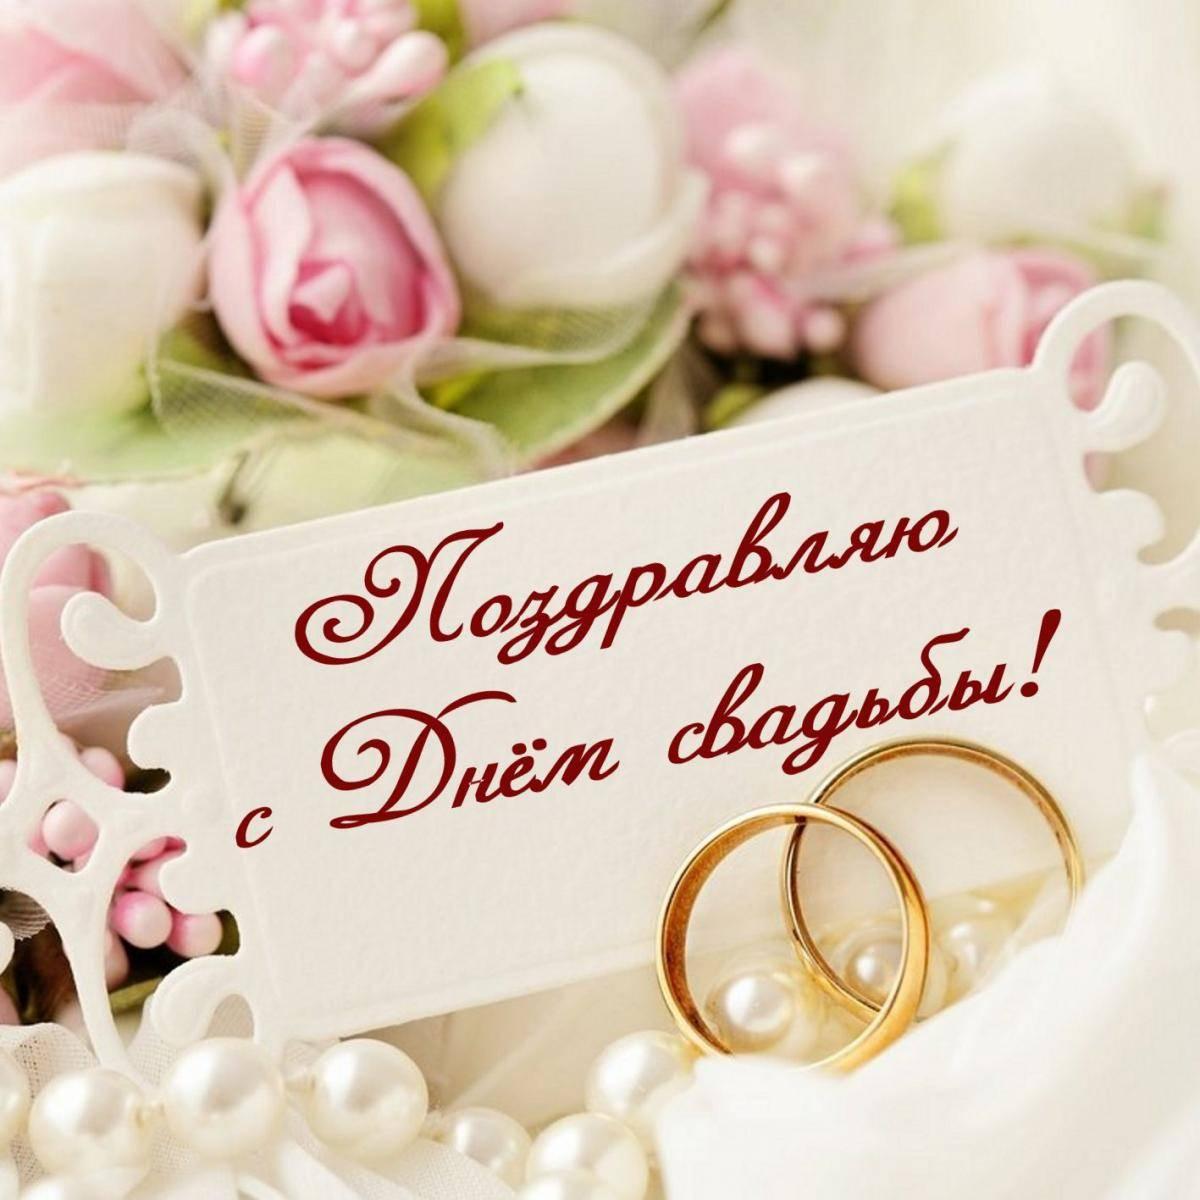 Пожелания молодоженам в прозе оригинальные. пожелания-сравнения в виде ярких живых ассоциаций. веселое поздравление в прозе со свадьбой